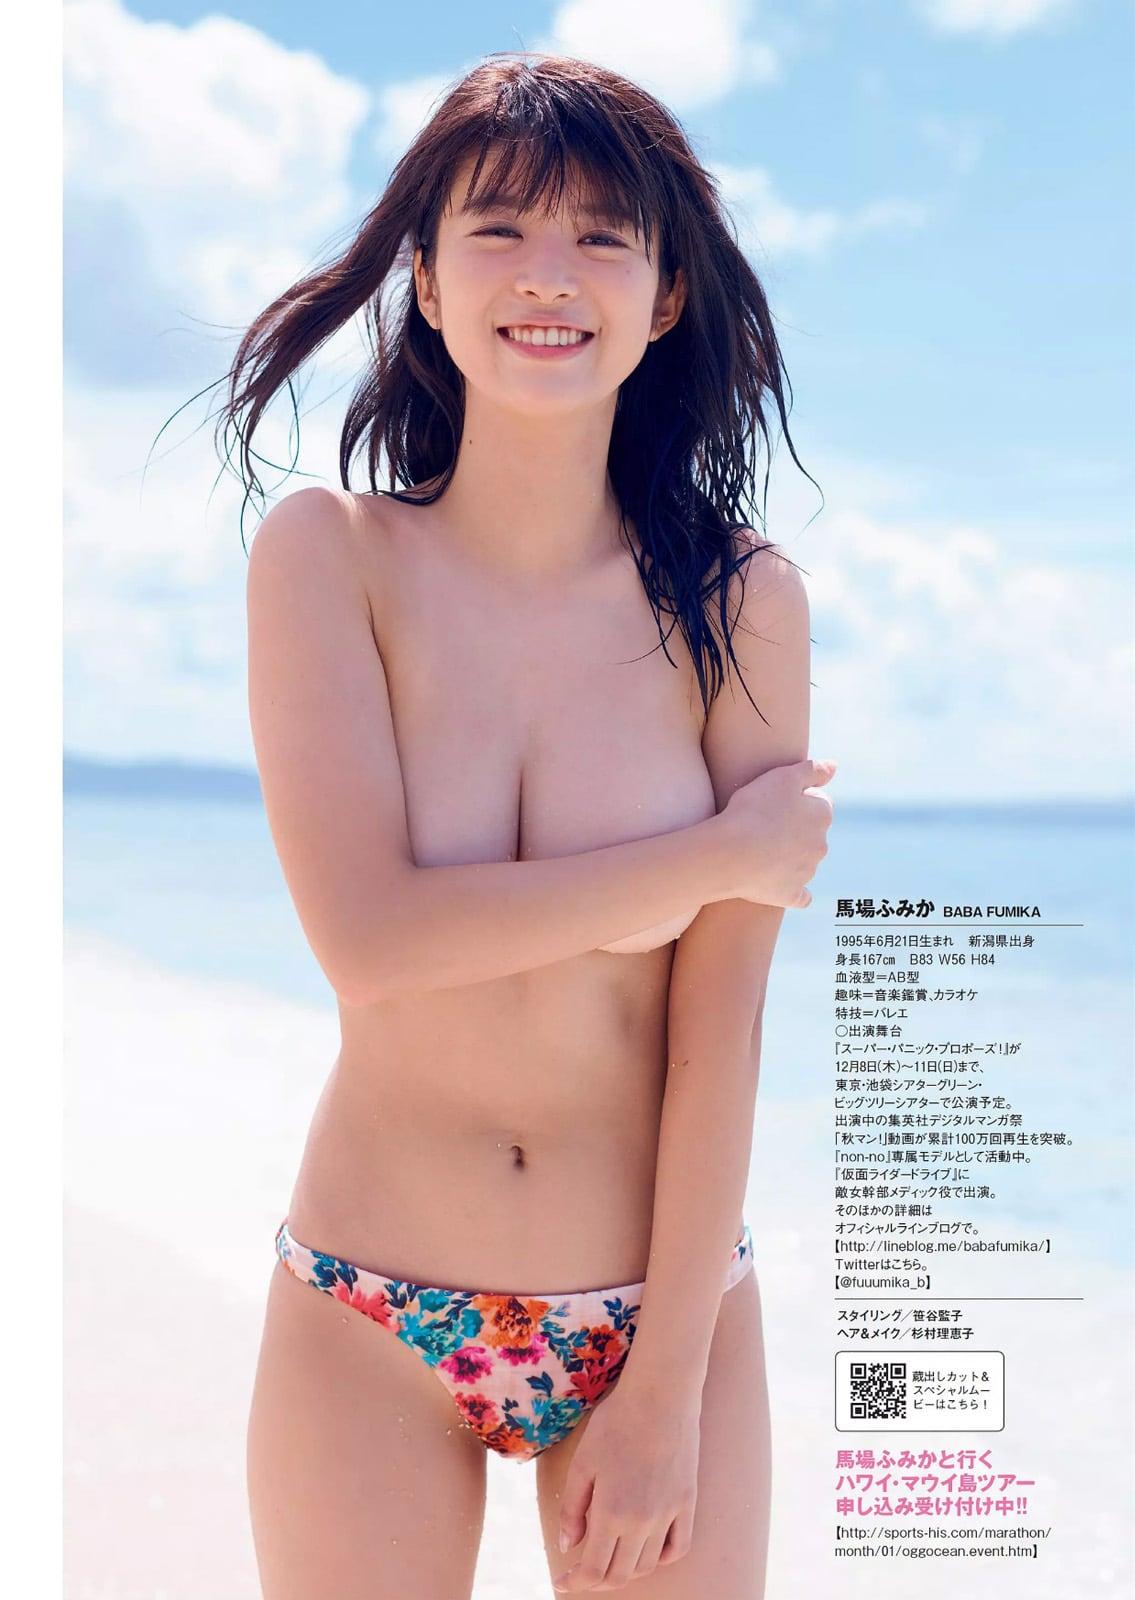 「週刊プレイボーイ 2016 No.51」馬場ふみかの手ブラグラビア